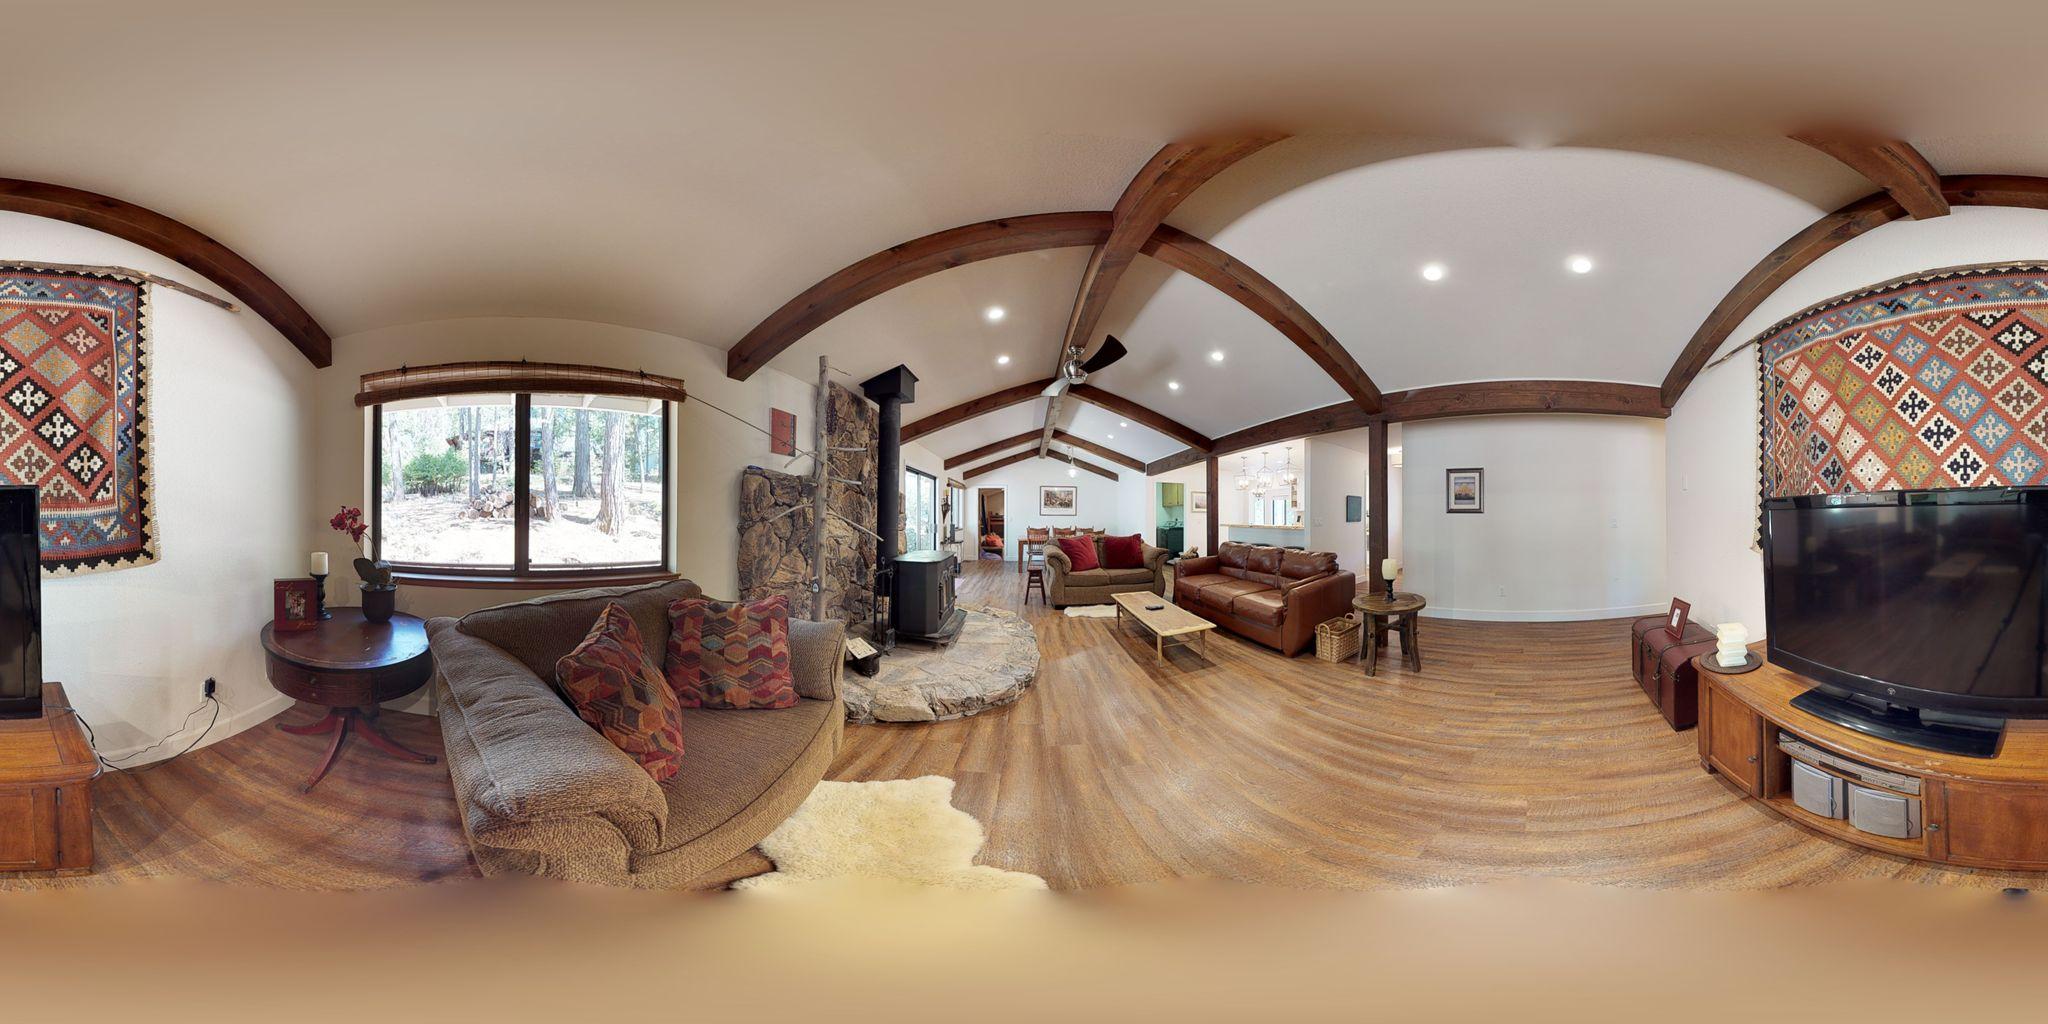 Bekijk de opzet en voorzieningen van deze woning in een weergave van 360 graden.